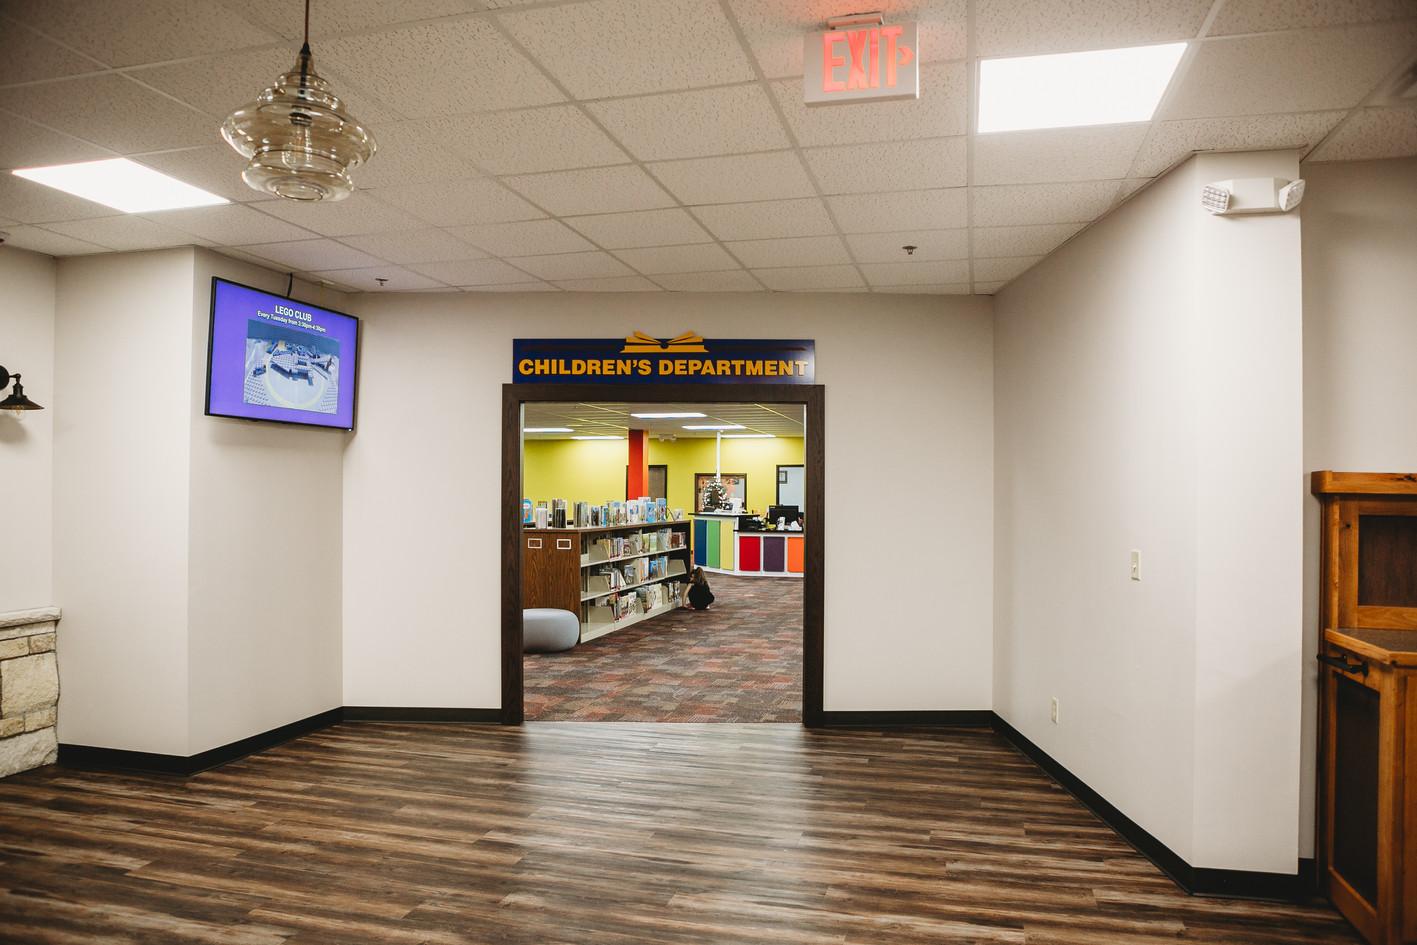 Dodge City Public Library: Children's Department